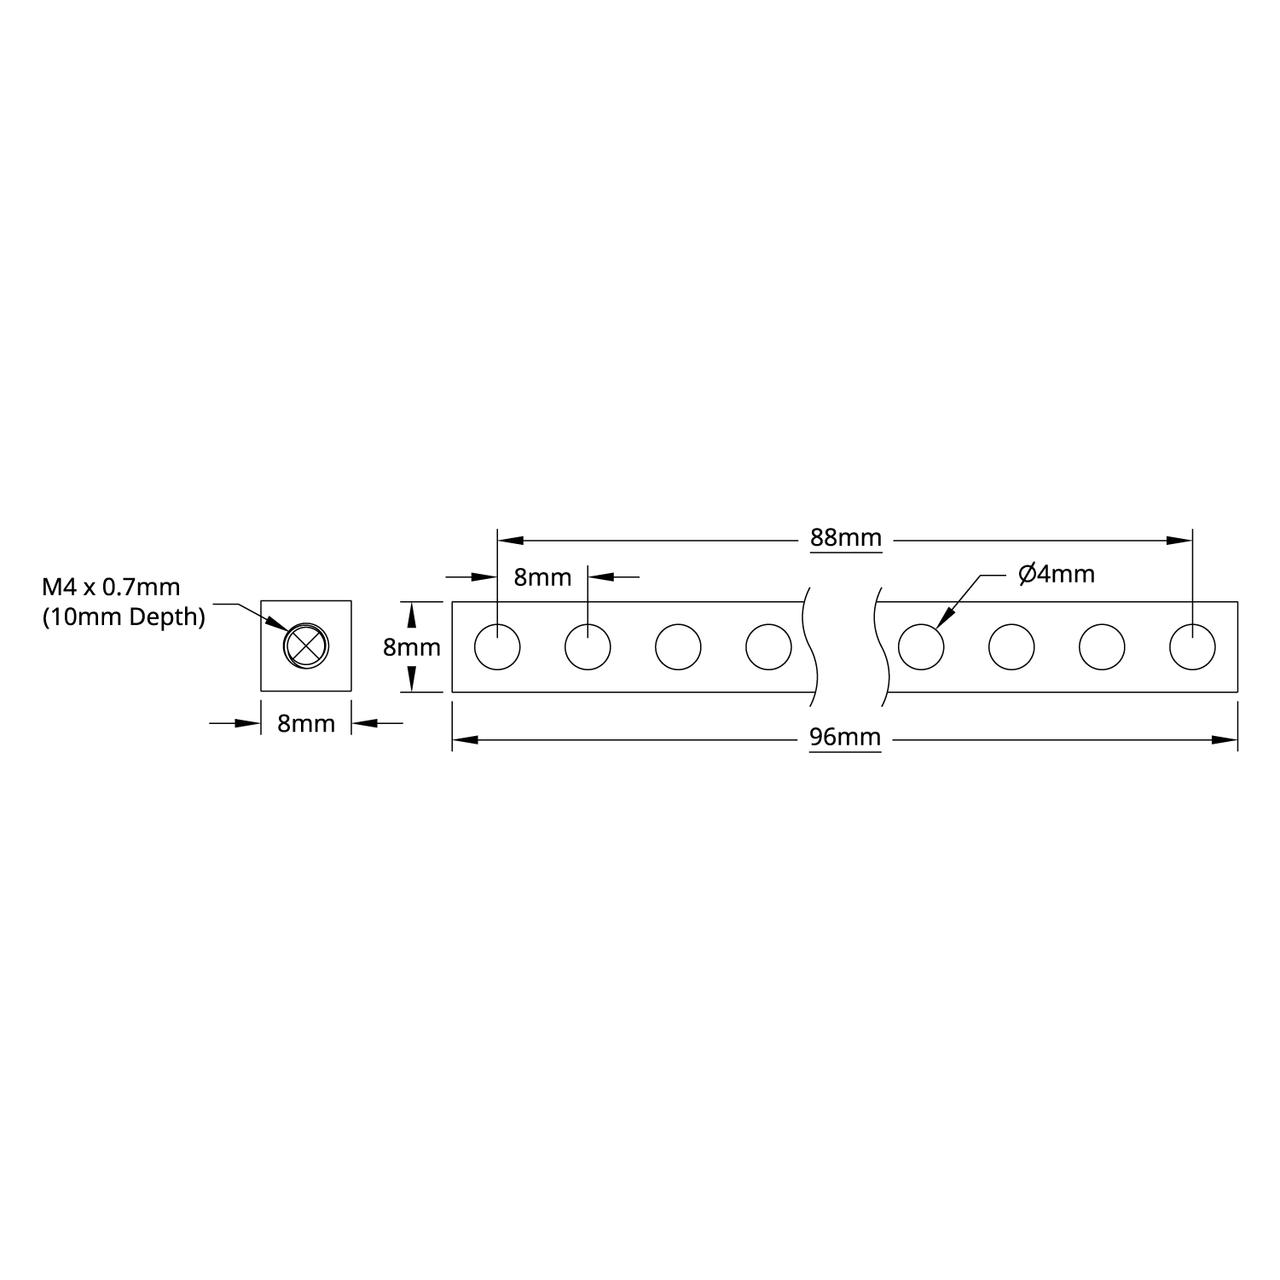 677 beam wiring diagram [ 1280 x 1280 Pixel ]